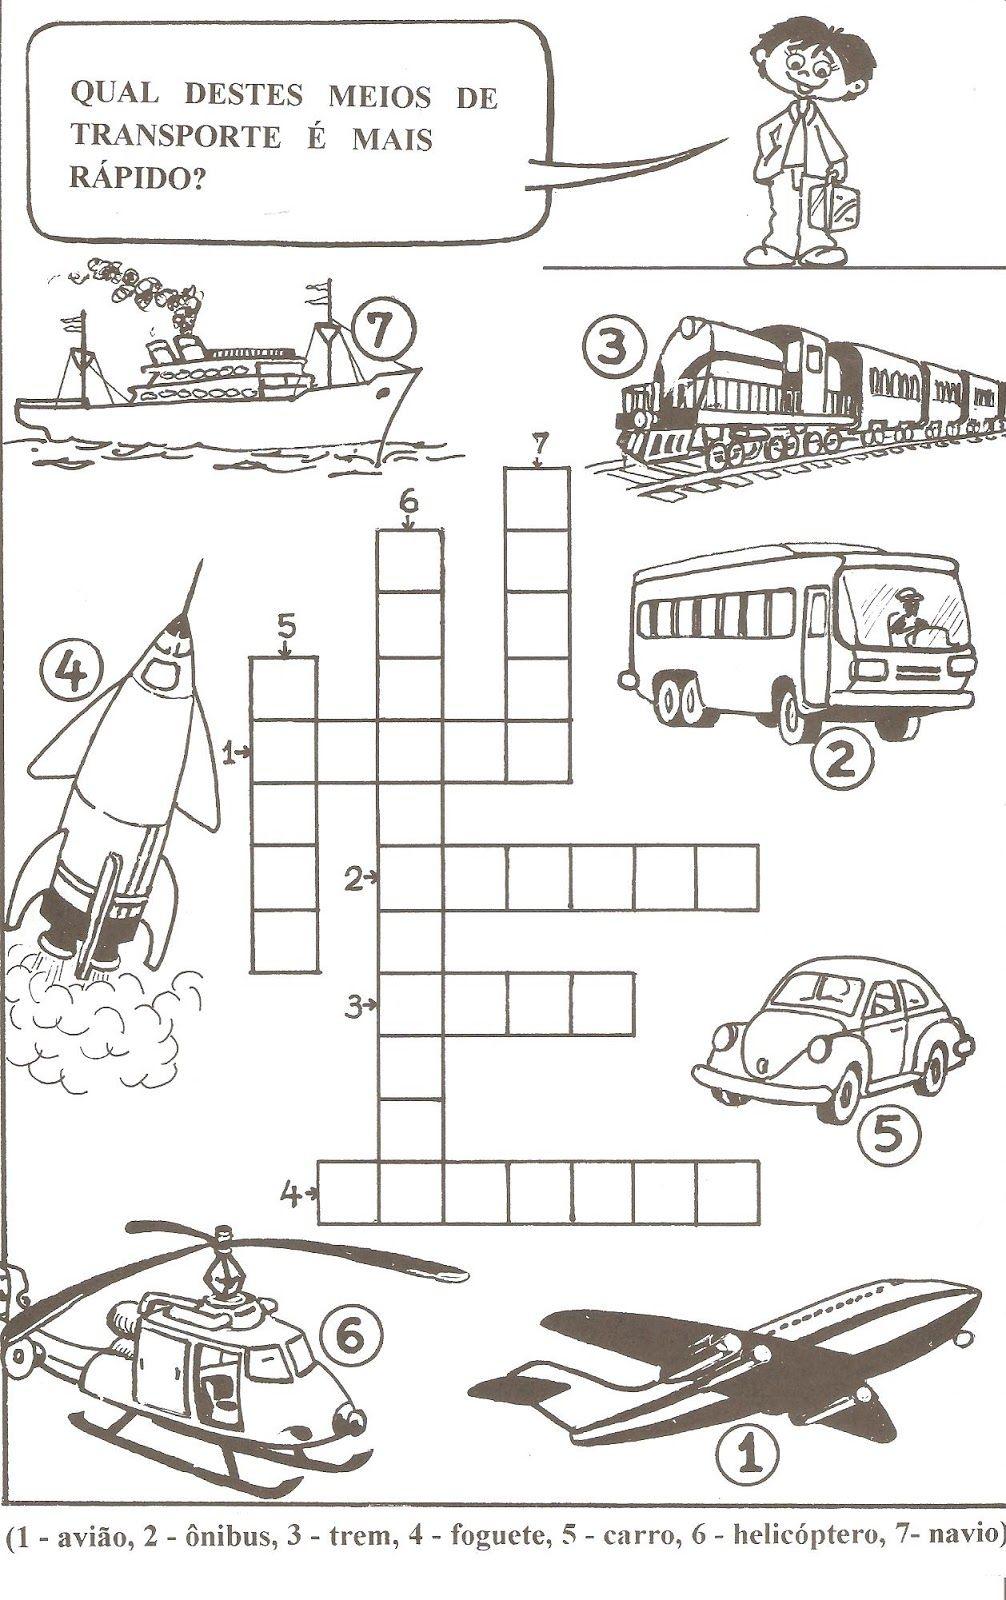 50 Atividades Com Meios De Transporte Para Imprimir Atividades